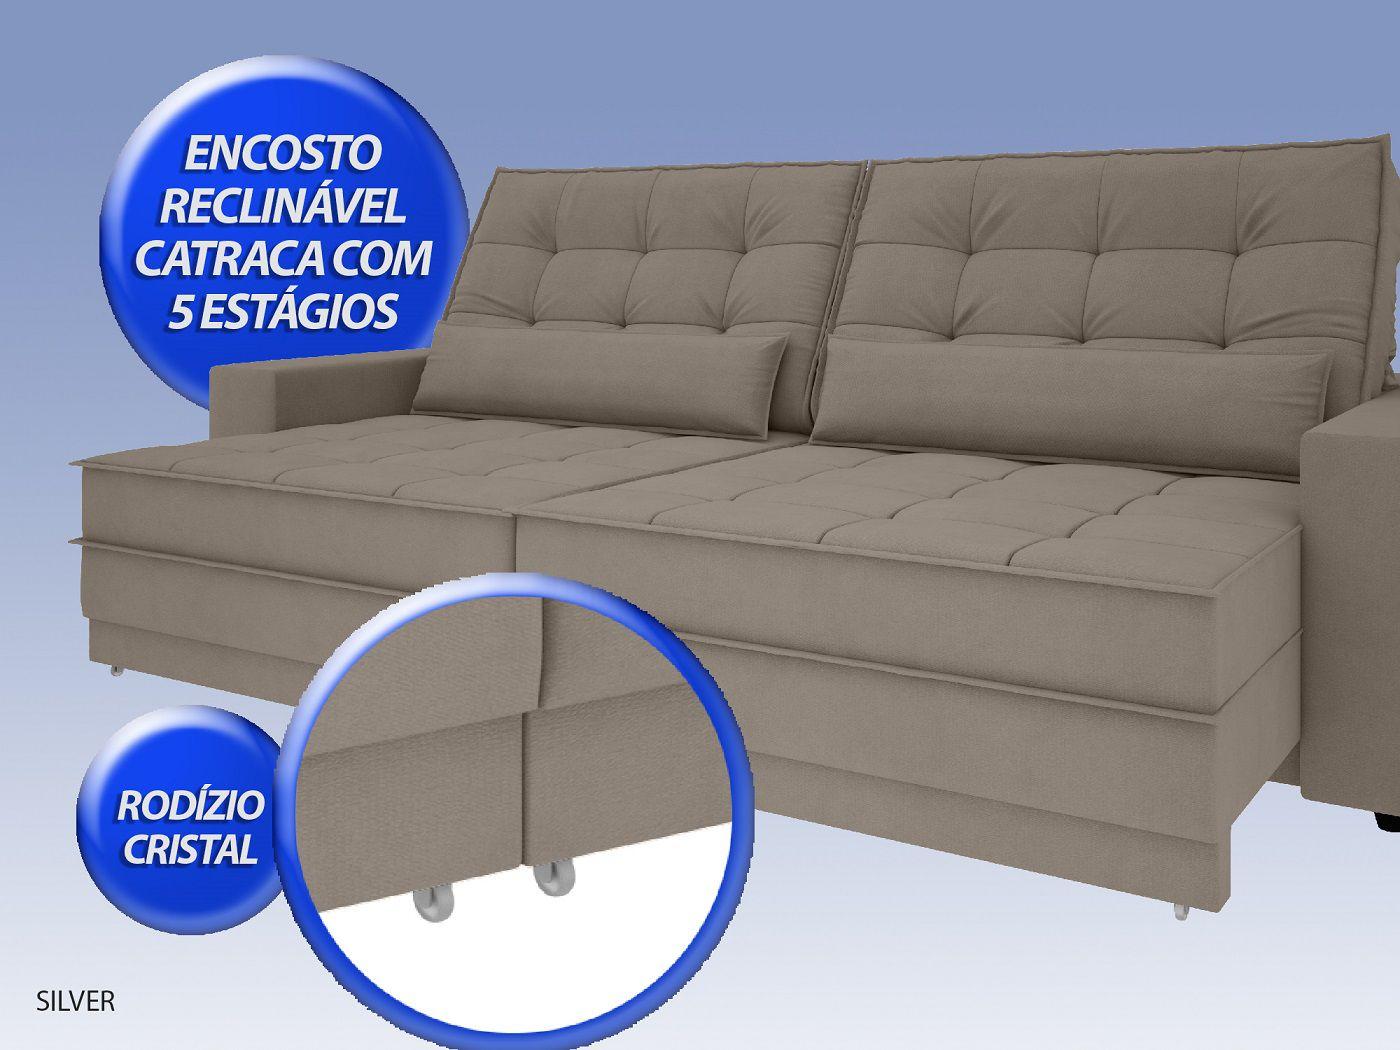 Sofá Silver 2,00m Retrátil e Reclinável Velosuede Bege - NETSOFAS  - NETSOFÁS